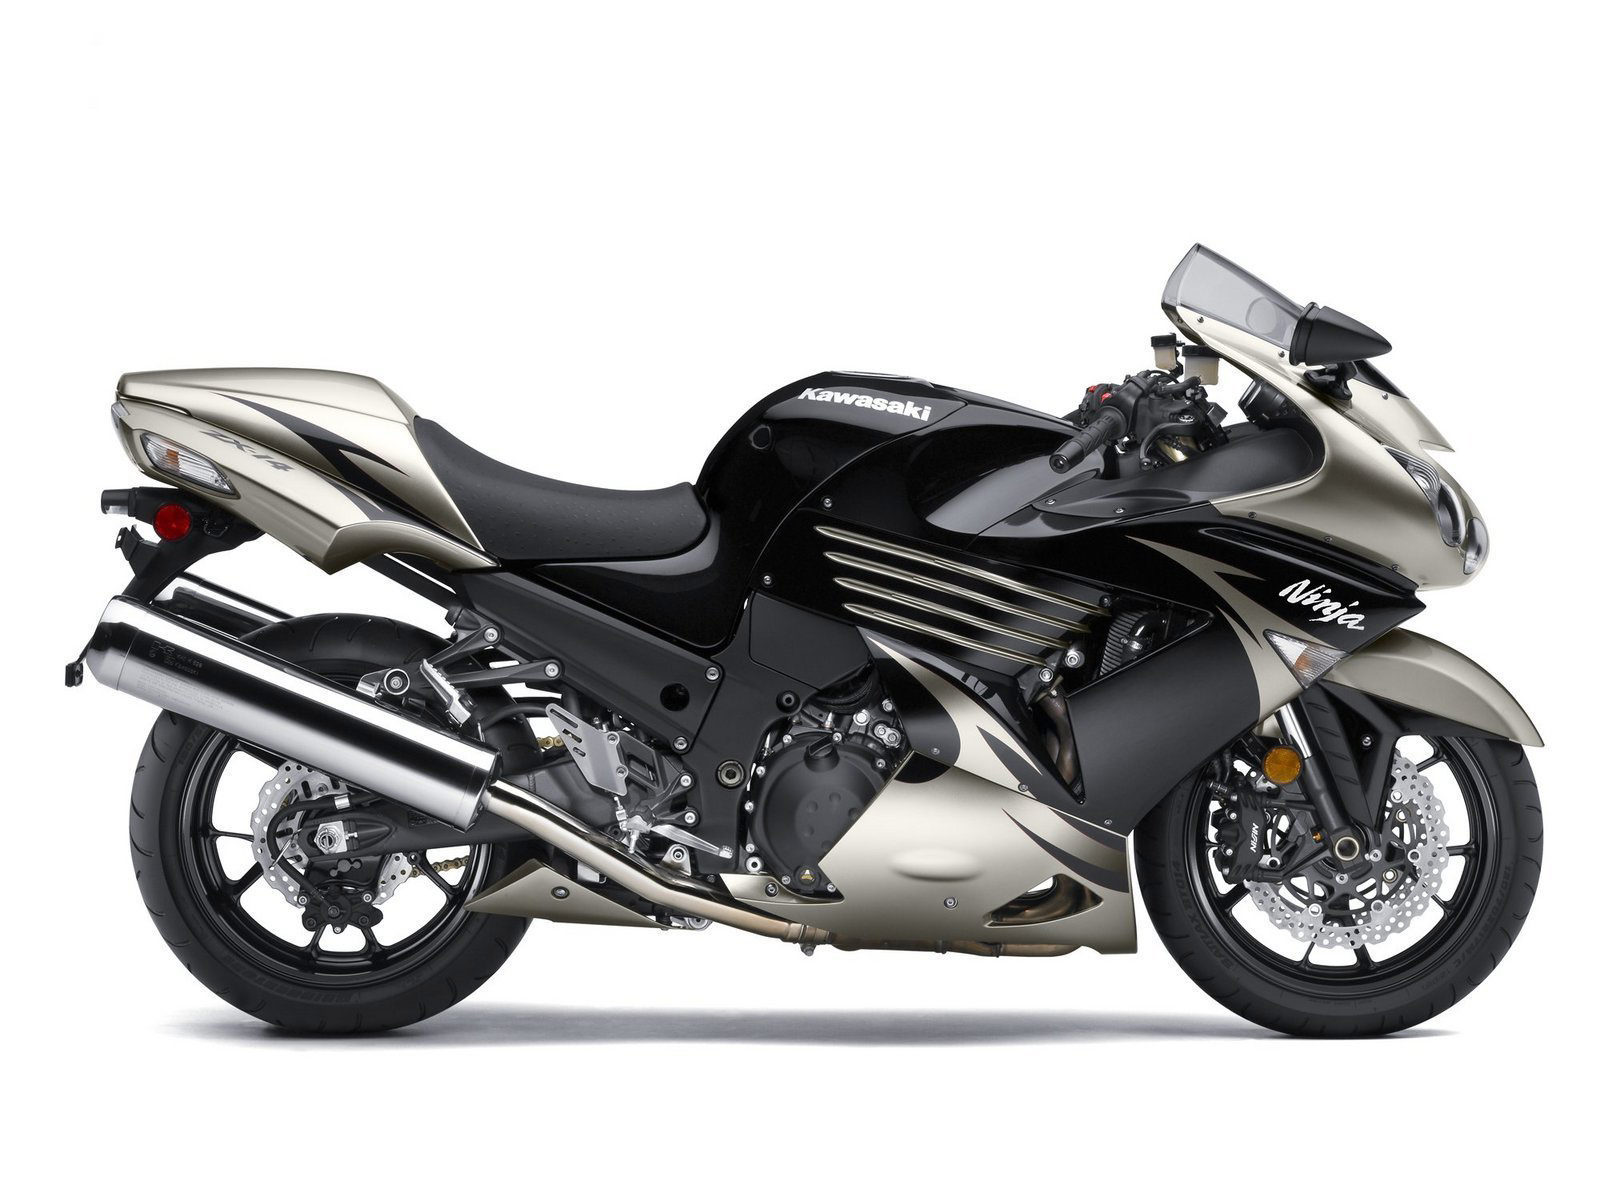 KAWASAKI Ninja ZX14 2010  MOTORCYCLE BIG BIKE